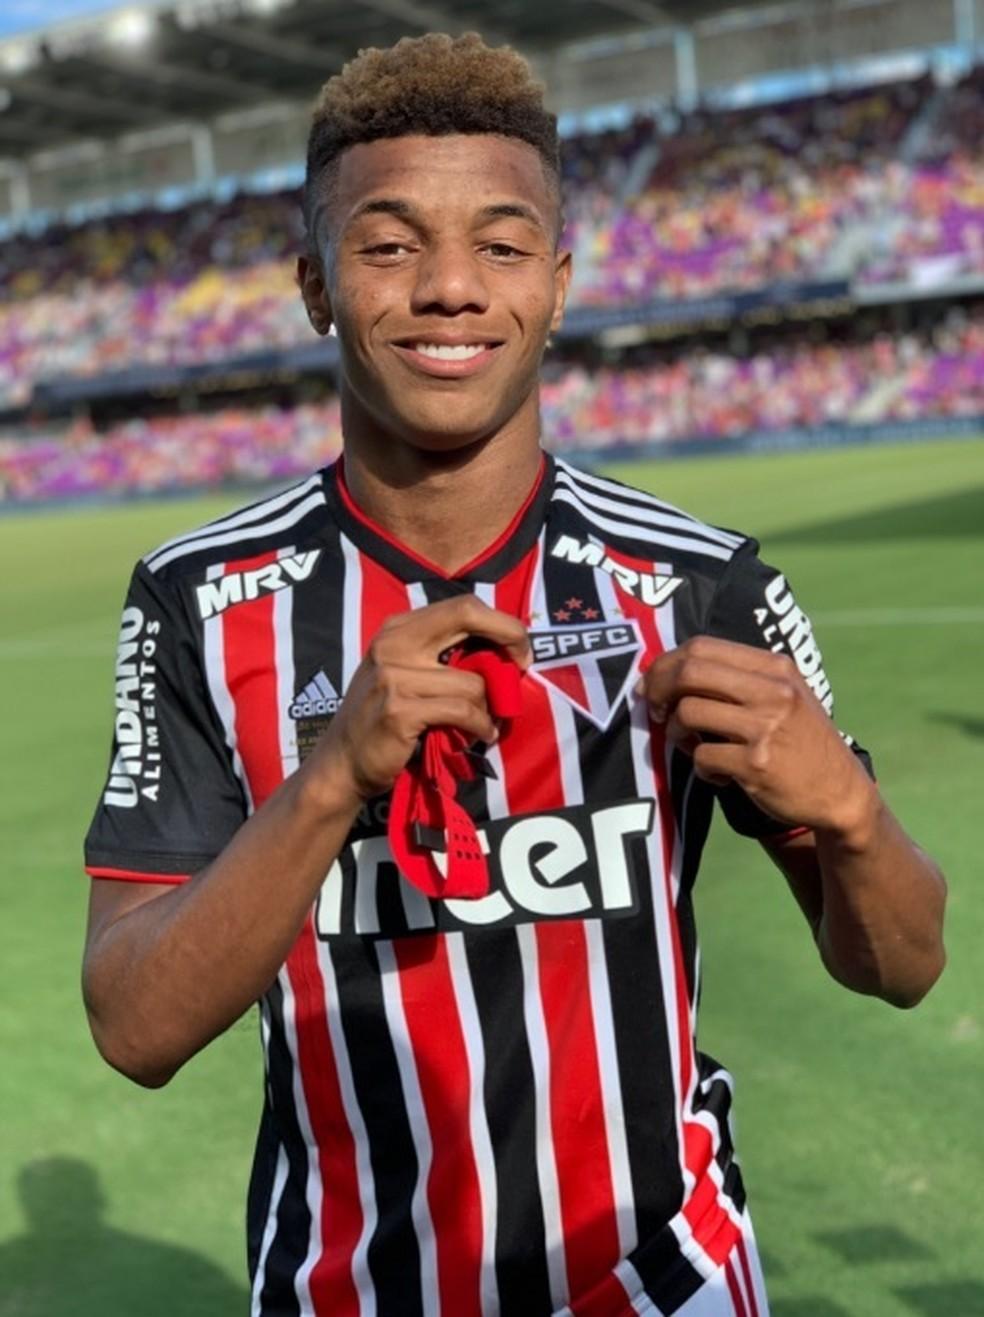 David Neres, criado no São Paulo, pode render mais dinheiro ao clube mesmo no Ajax — Foto: Reprodução twitter